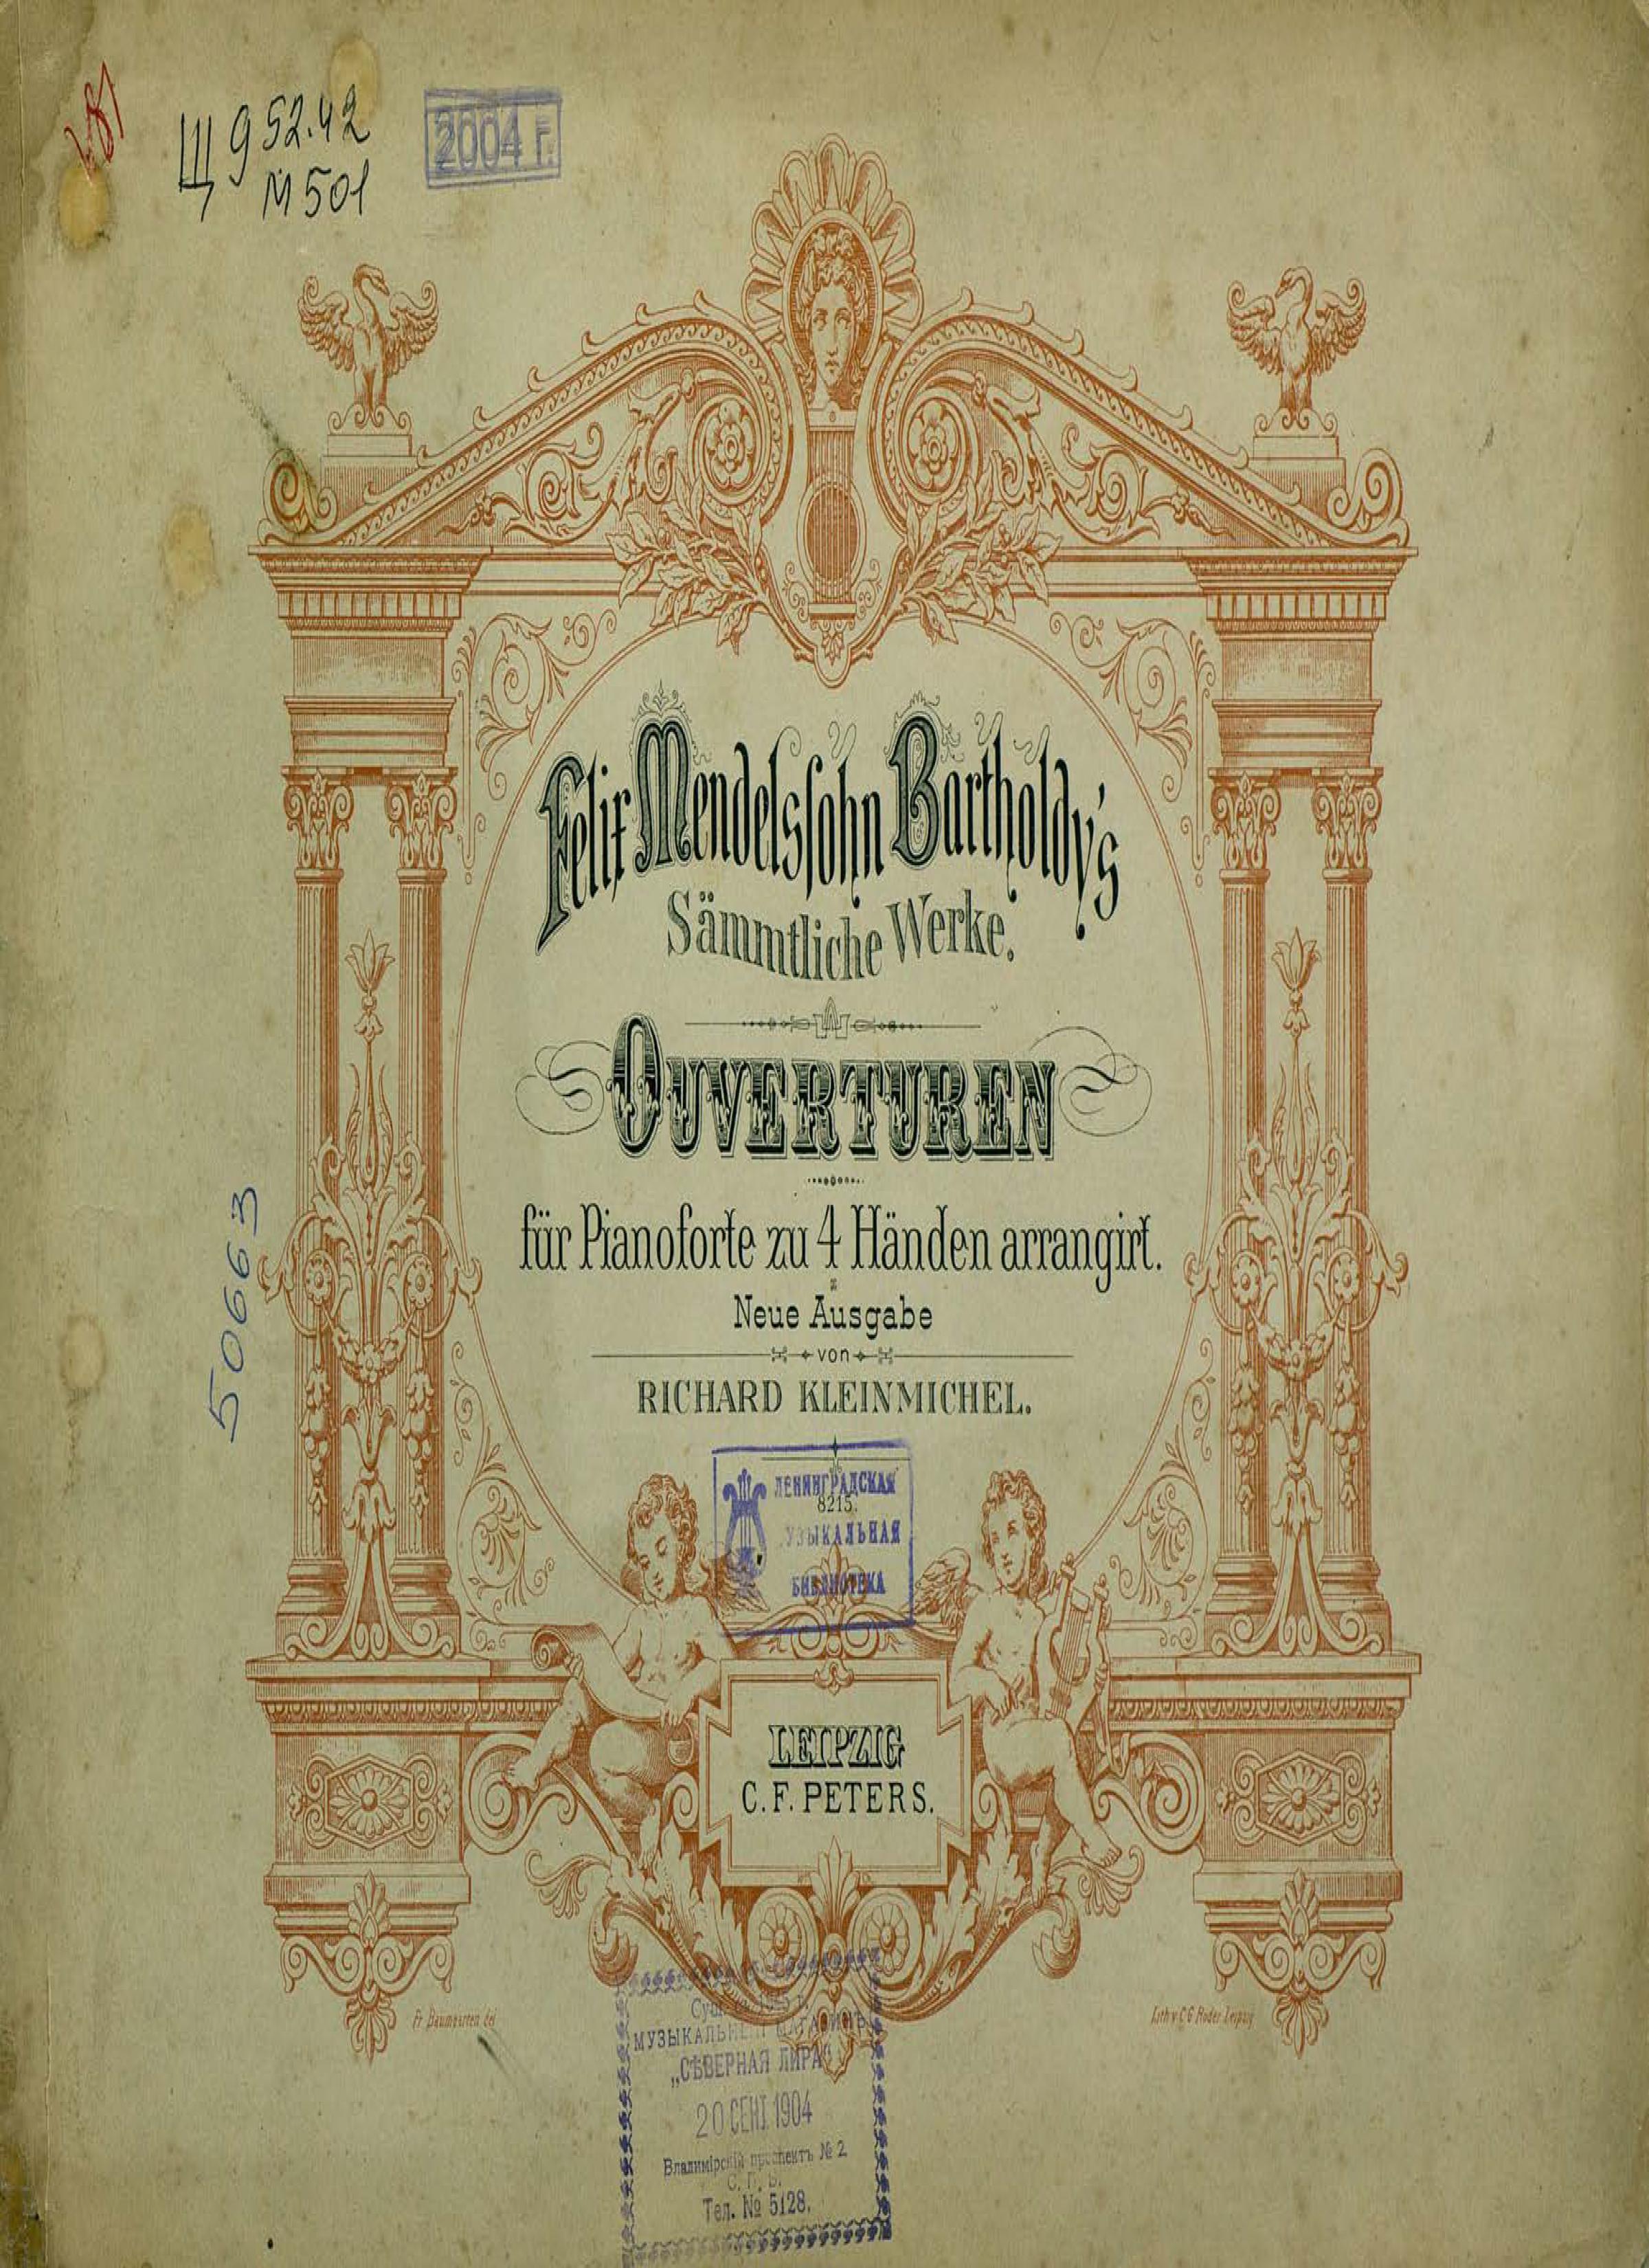 Феликс Мендельсон-Бартольди Ouverturen fur Pianoforte zu 4 Hd. arr.